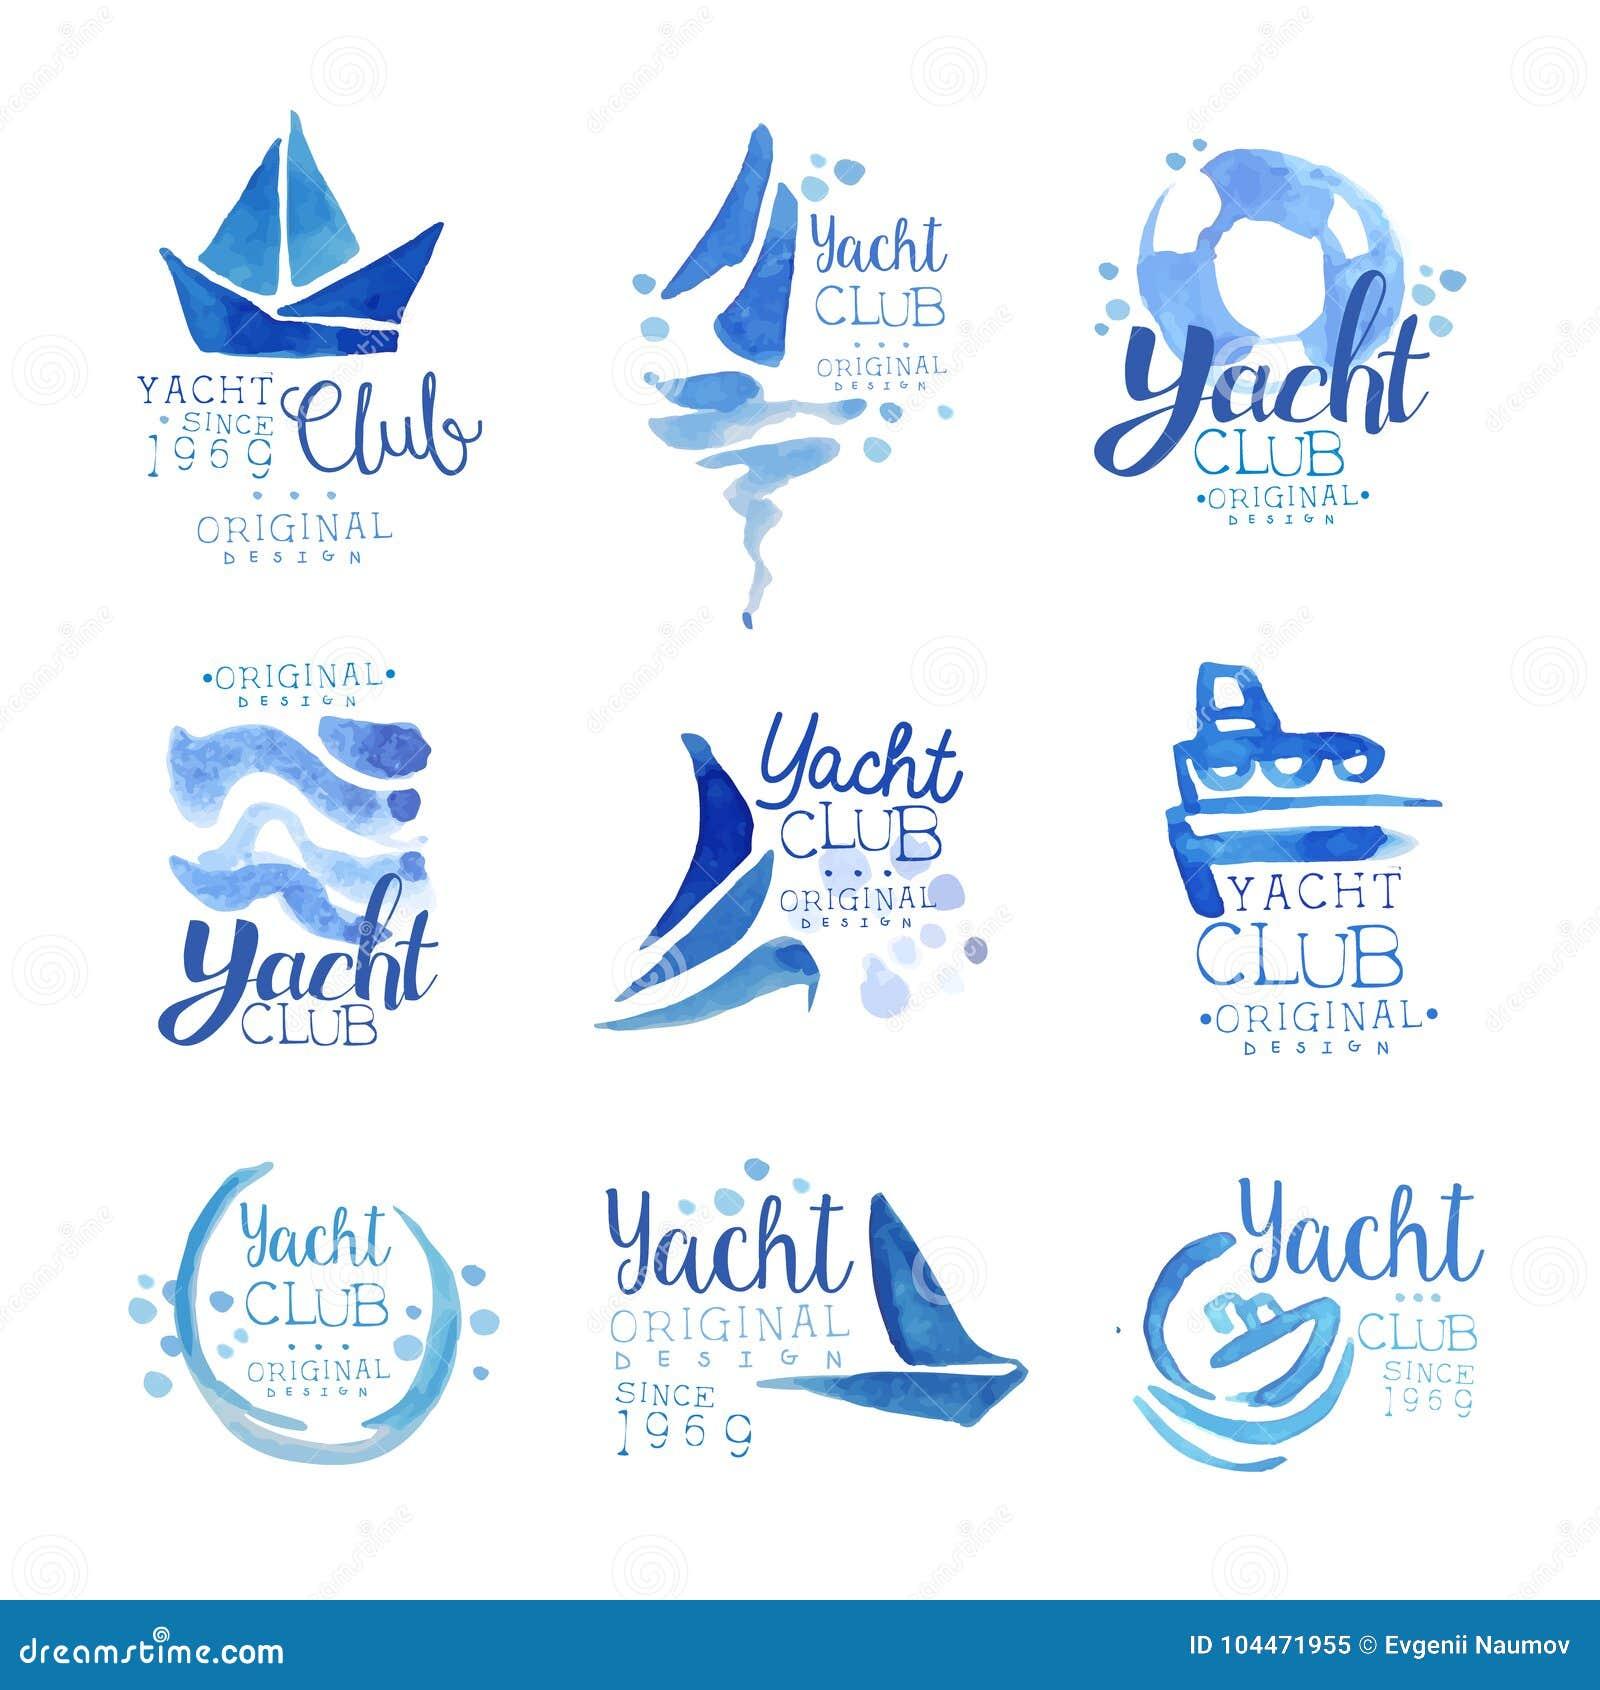 游艇俱乐部自1969年商标原始的设计集合,元素公司商标,企业身分蓝色水彩传染媒介以来